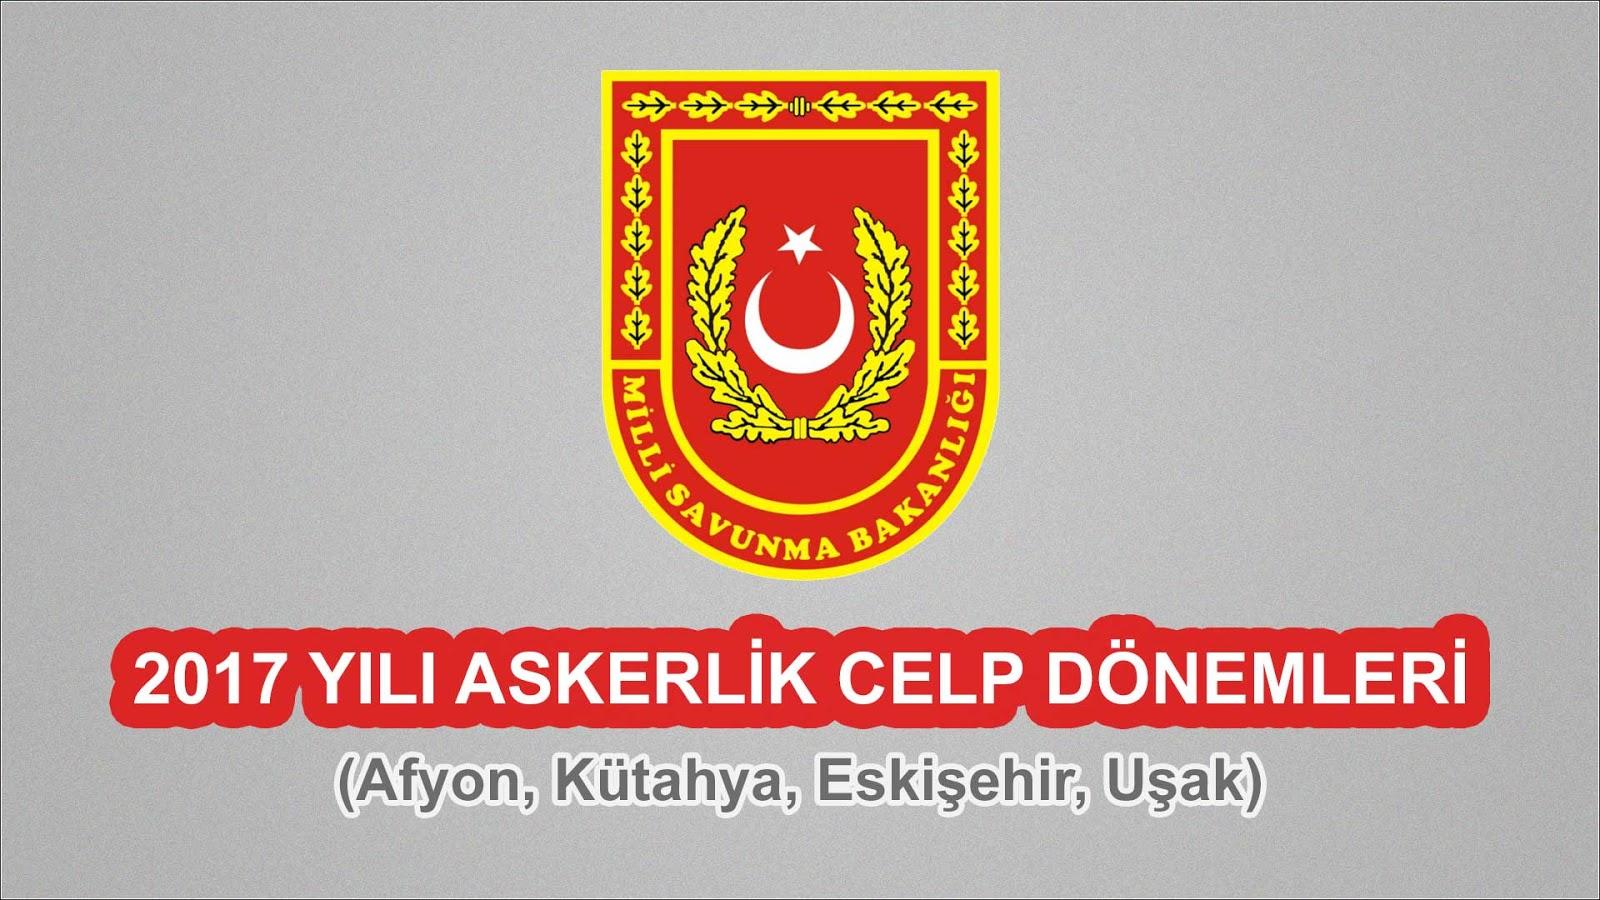 2017 Yılı Afyon, Kütahya, Eskişehir, Uşak Askerlik Celp Dönemleri